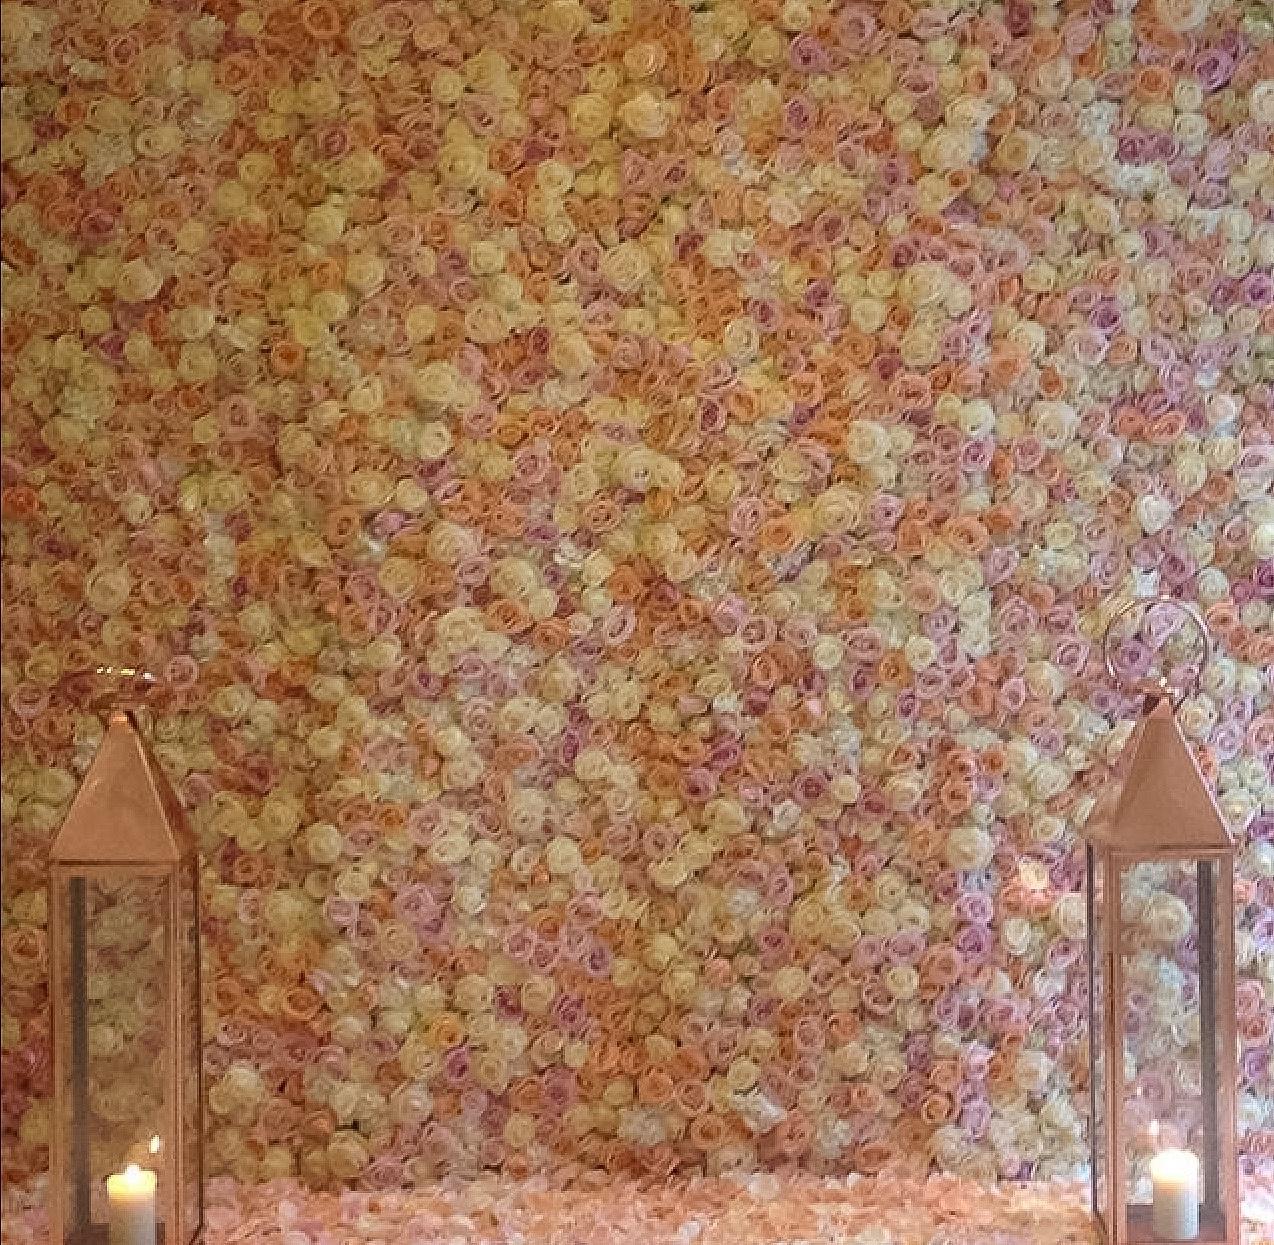 Marvelous Flower Wall Meijer Roses